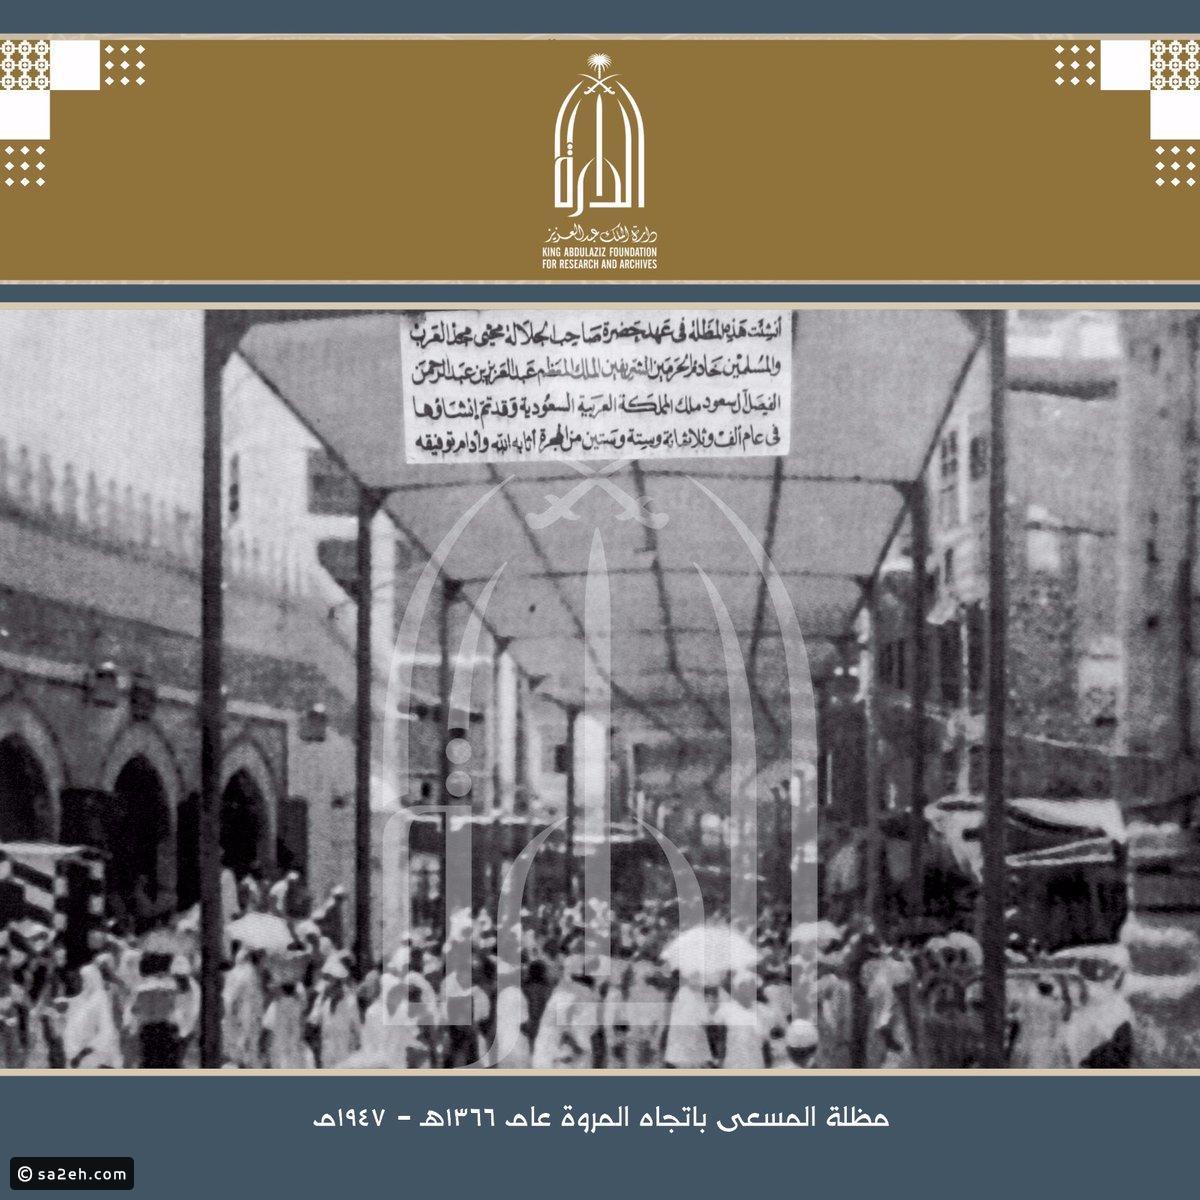 awww.alqiyady.com_site_images_sites_default_files_alqiyady_pro984ee06a02e2a9368e26e57a2496af5a.